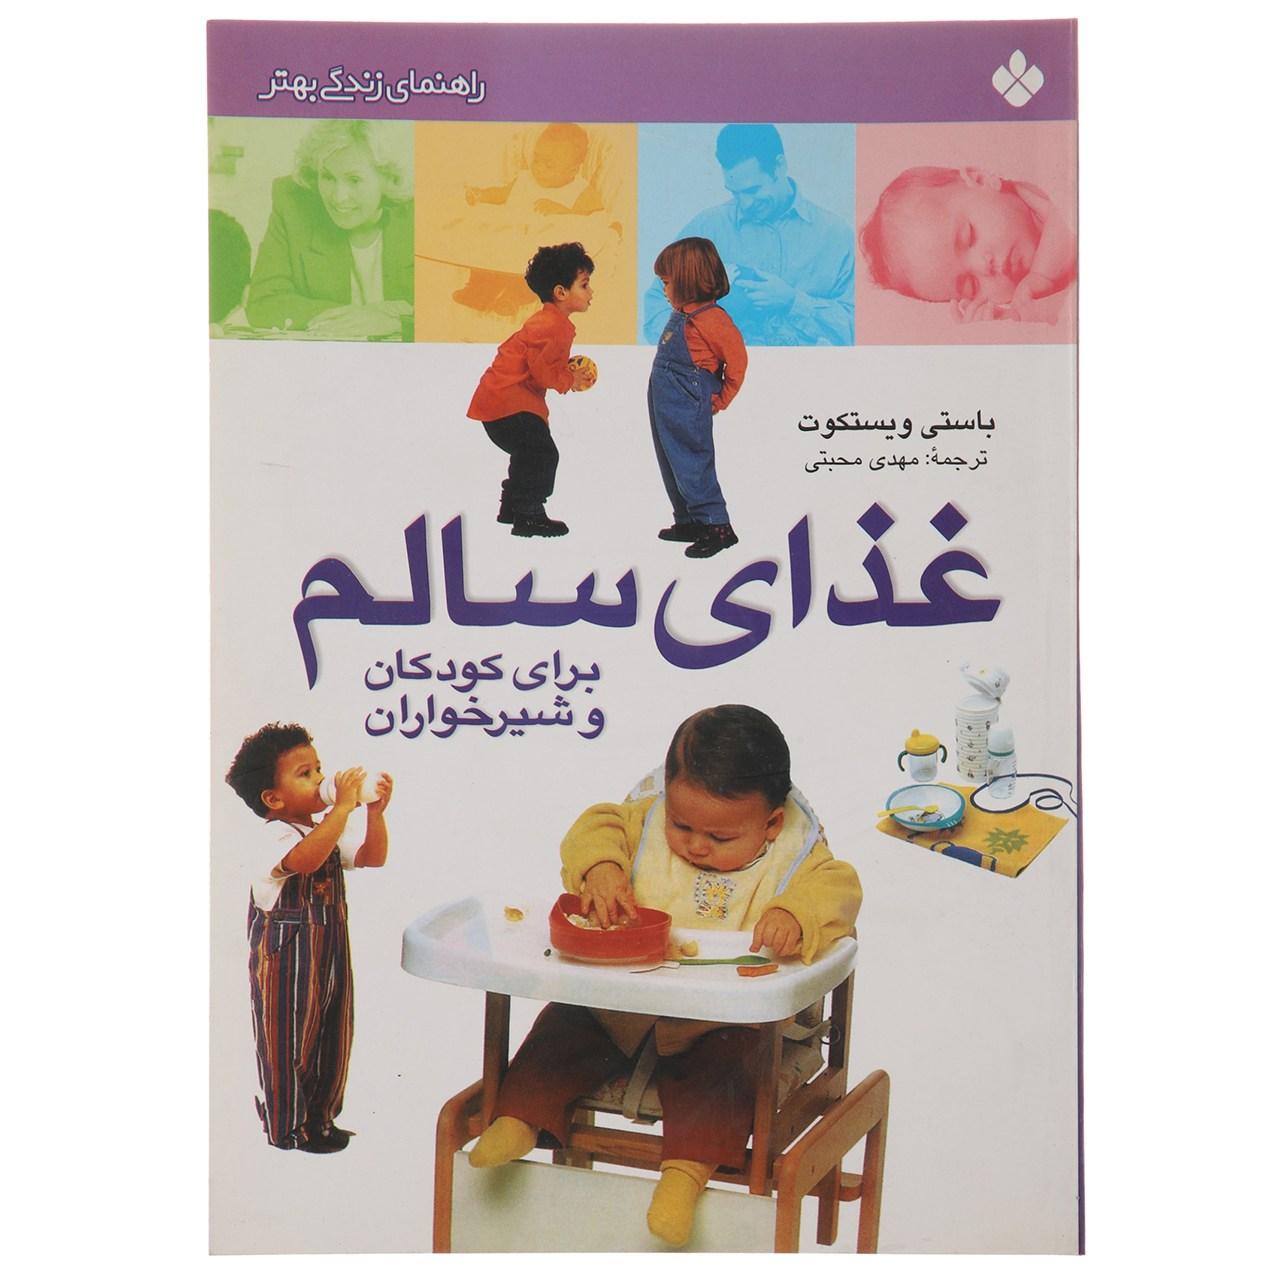 کتاب غذای سالم برای کودکان و شیرخواران اثر باستی ویستکوت